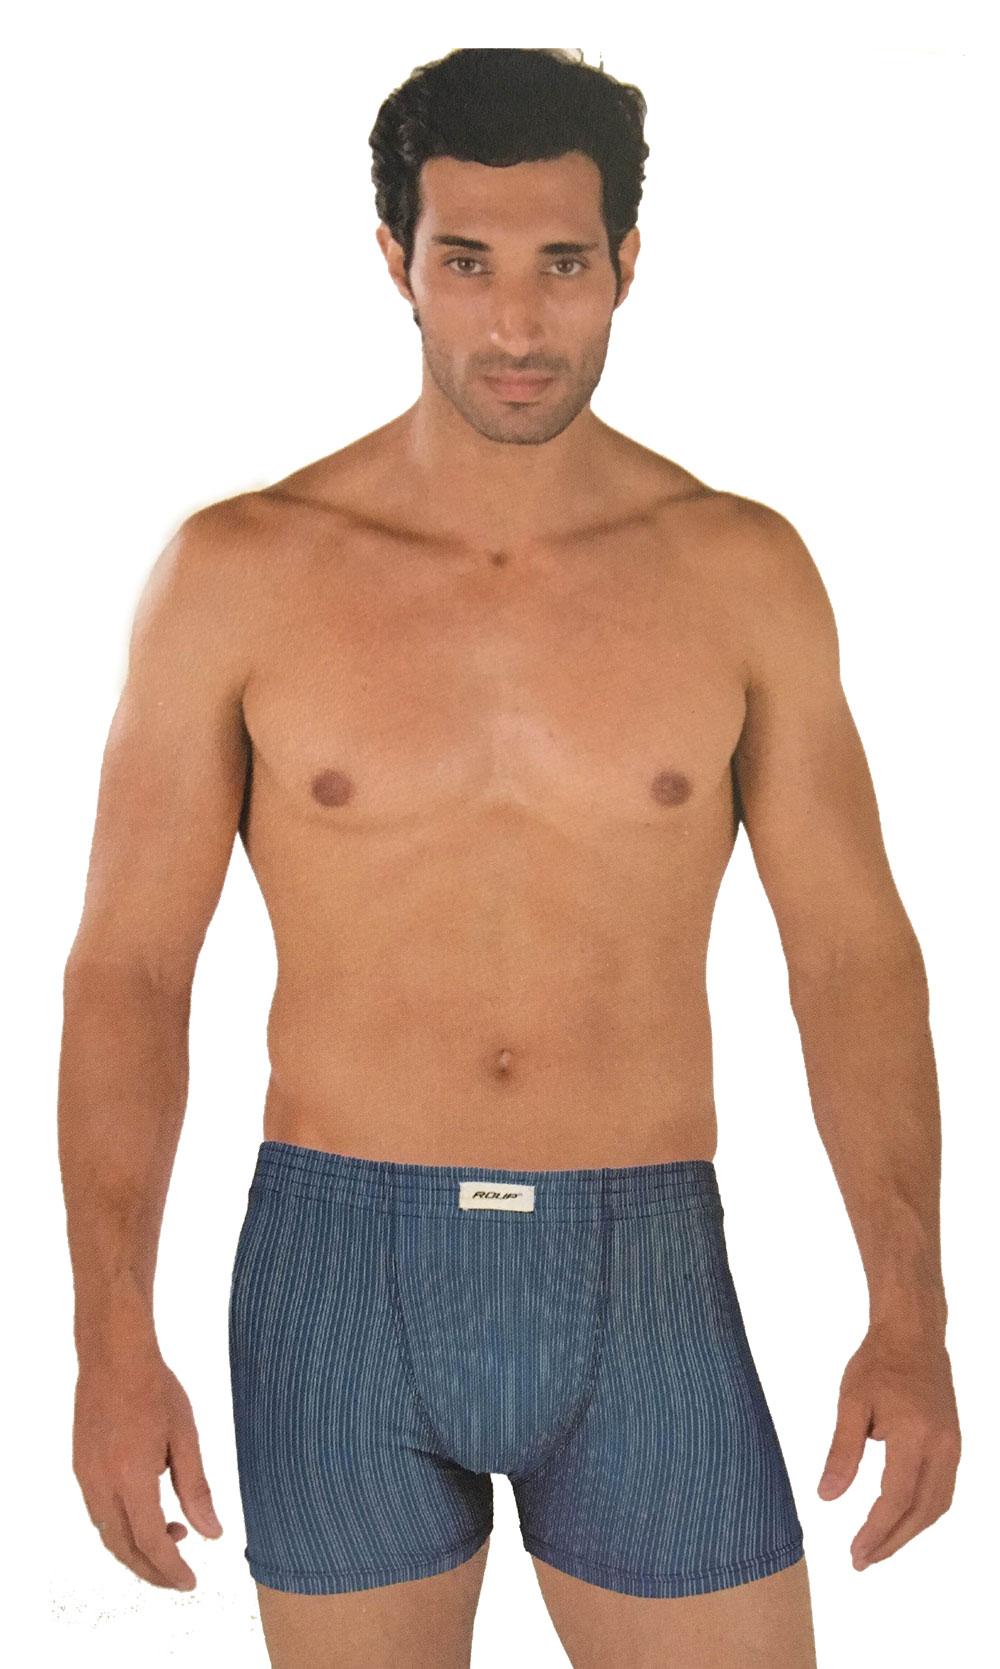 Cueca Boxer Confort Microfibra - Roup 36